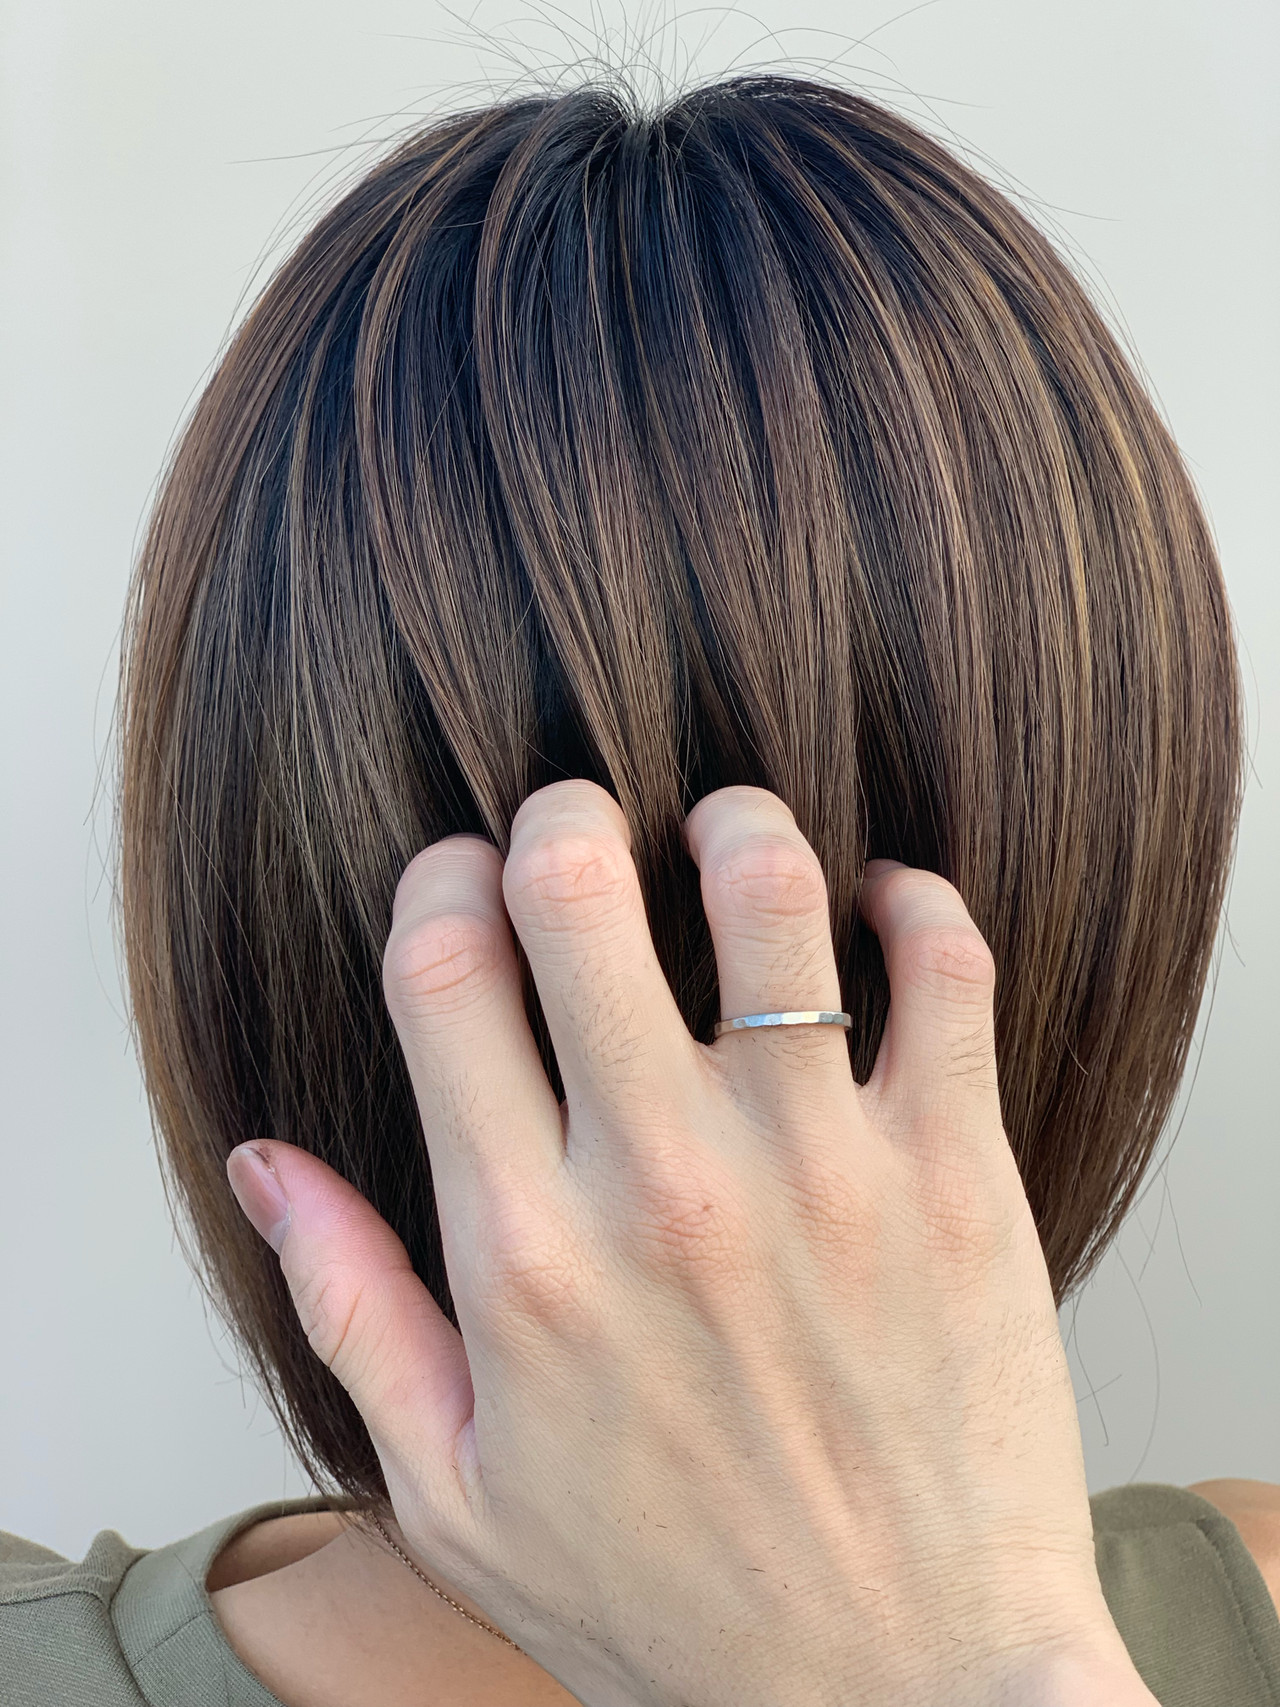 ボブ 外国人風 グラデーションカラー 大人ハイライト ヘアスタイルや髪型の写真・画像 | 大越 勇嗣 / VISAGE Oak